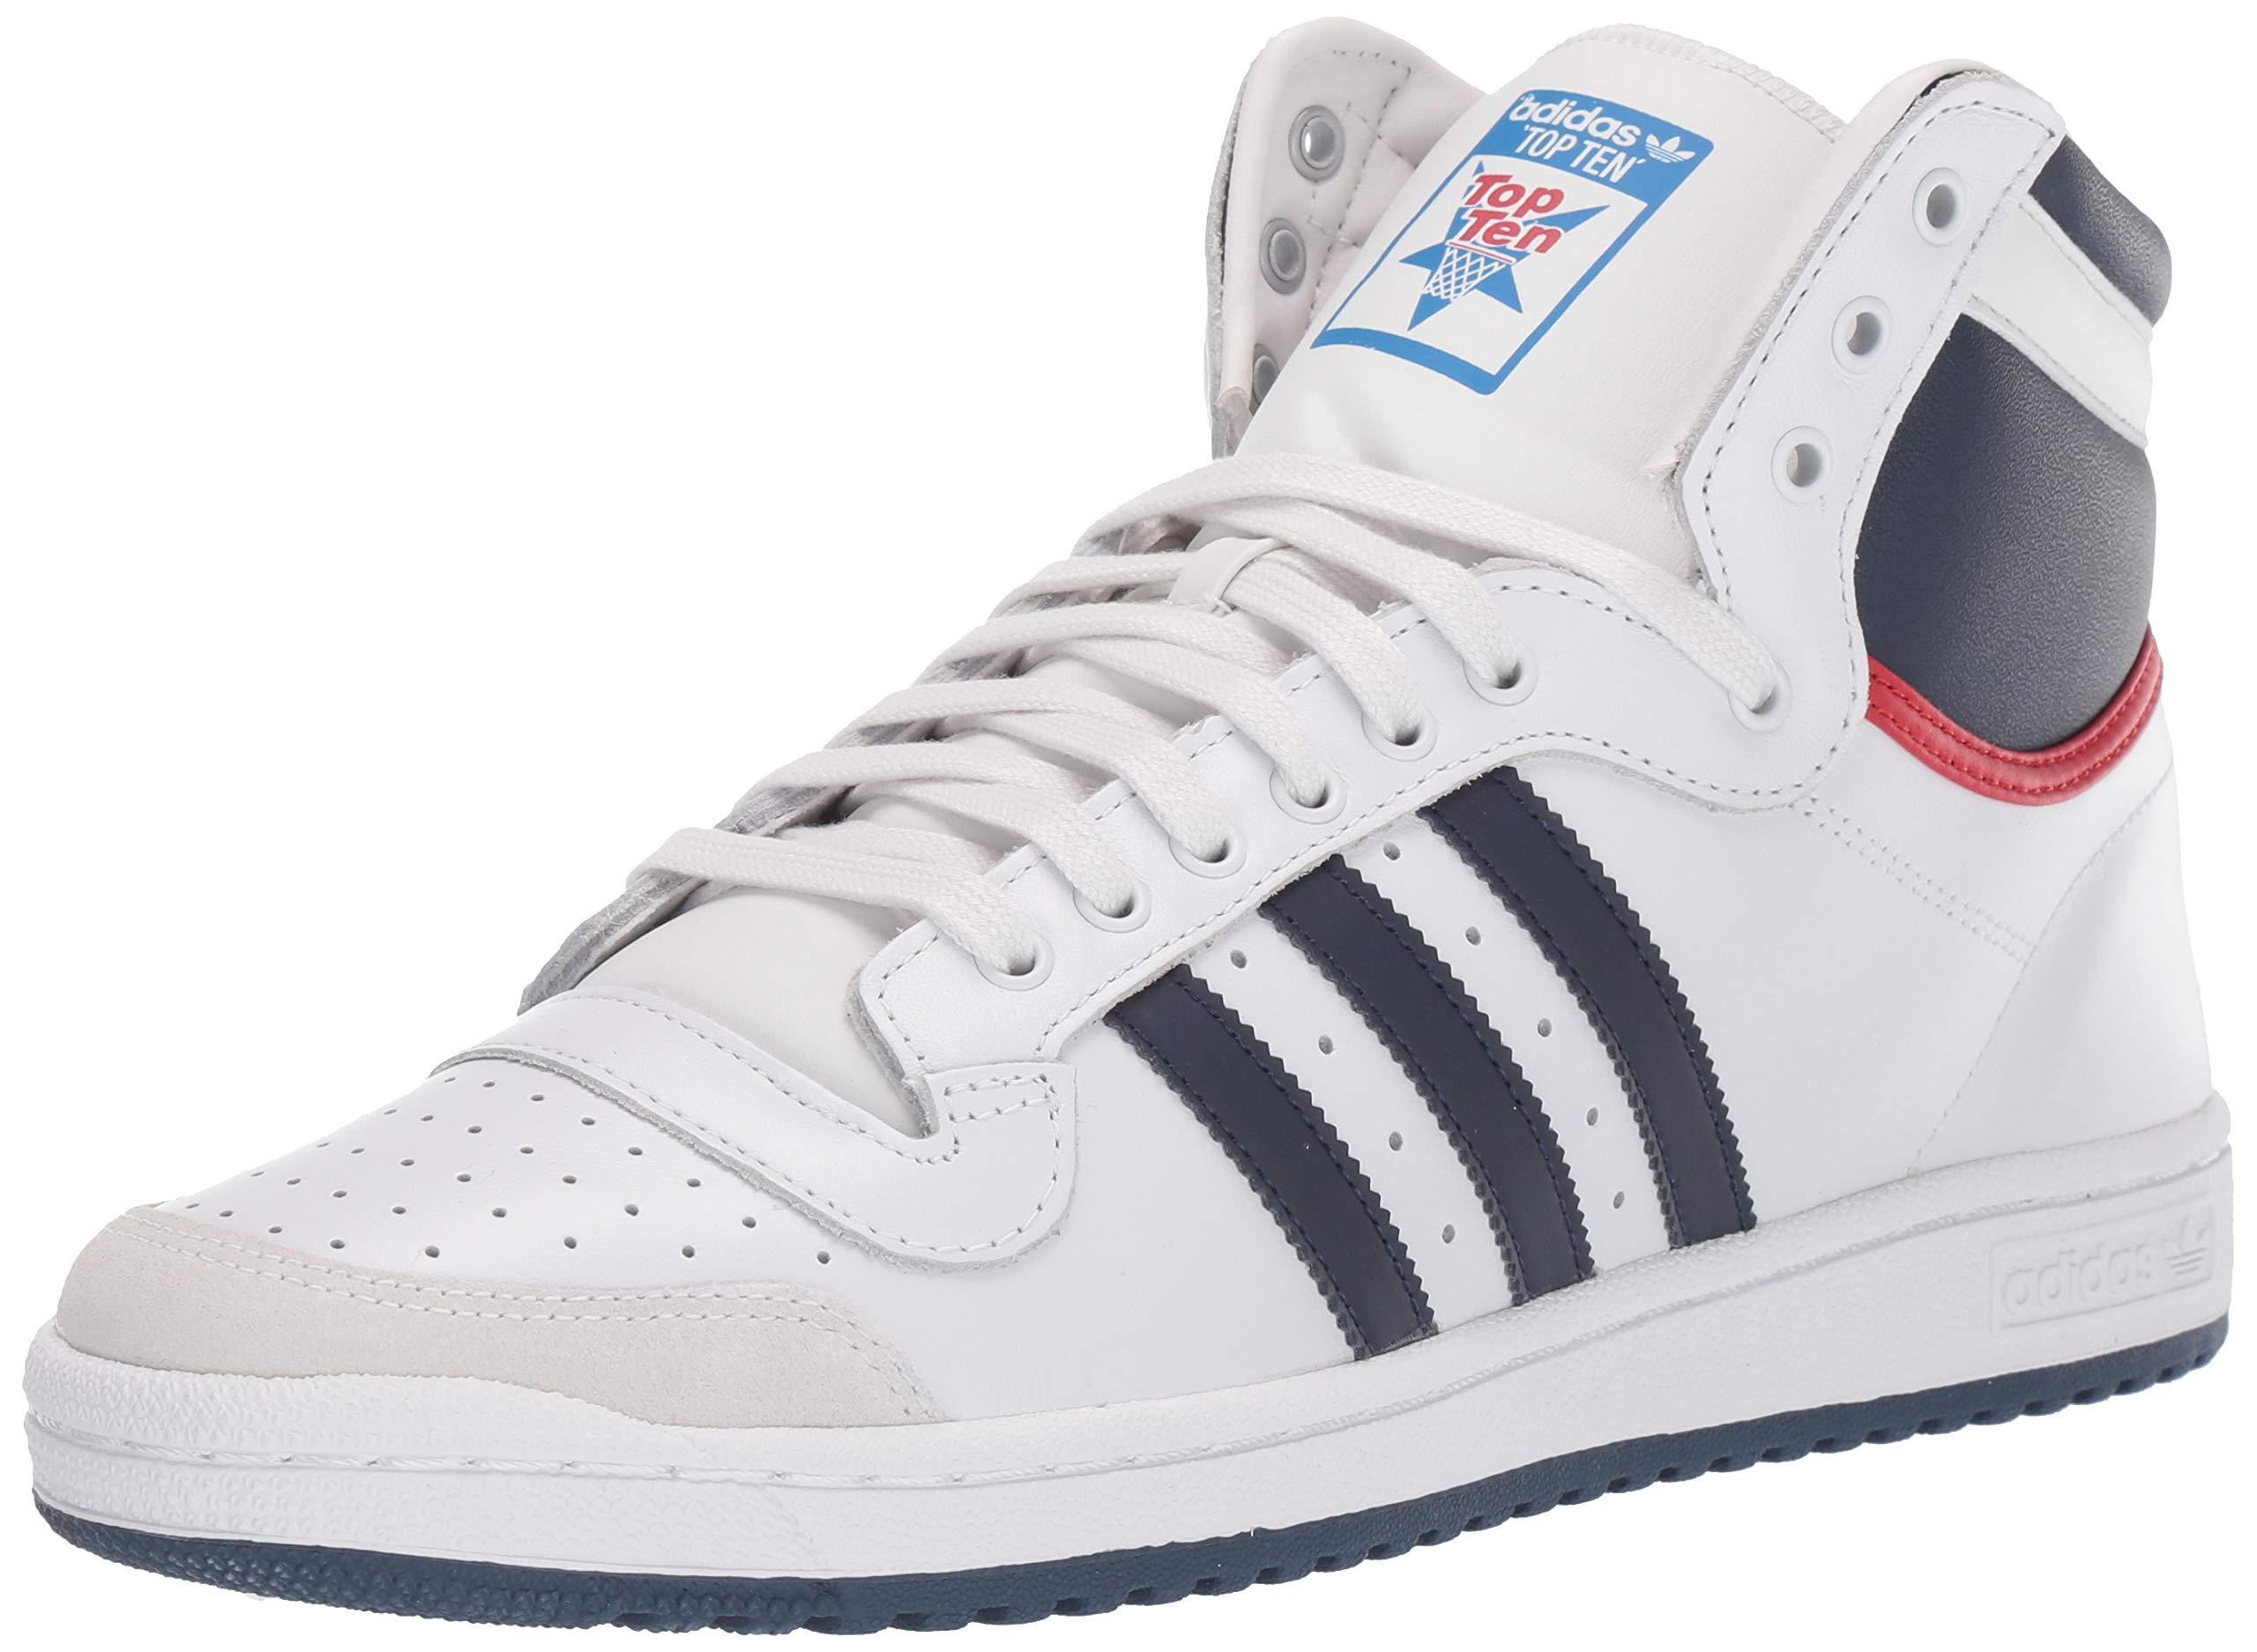 adidas Originals Leather Top Ten Hi High-top sneakers for Men ...